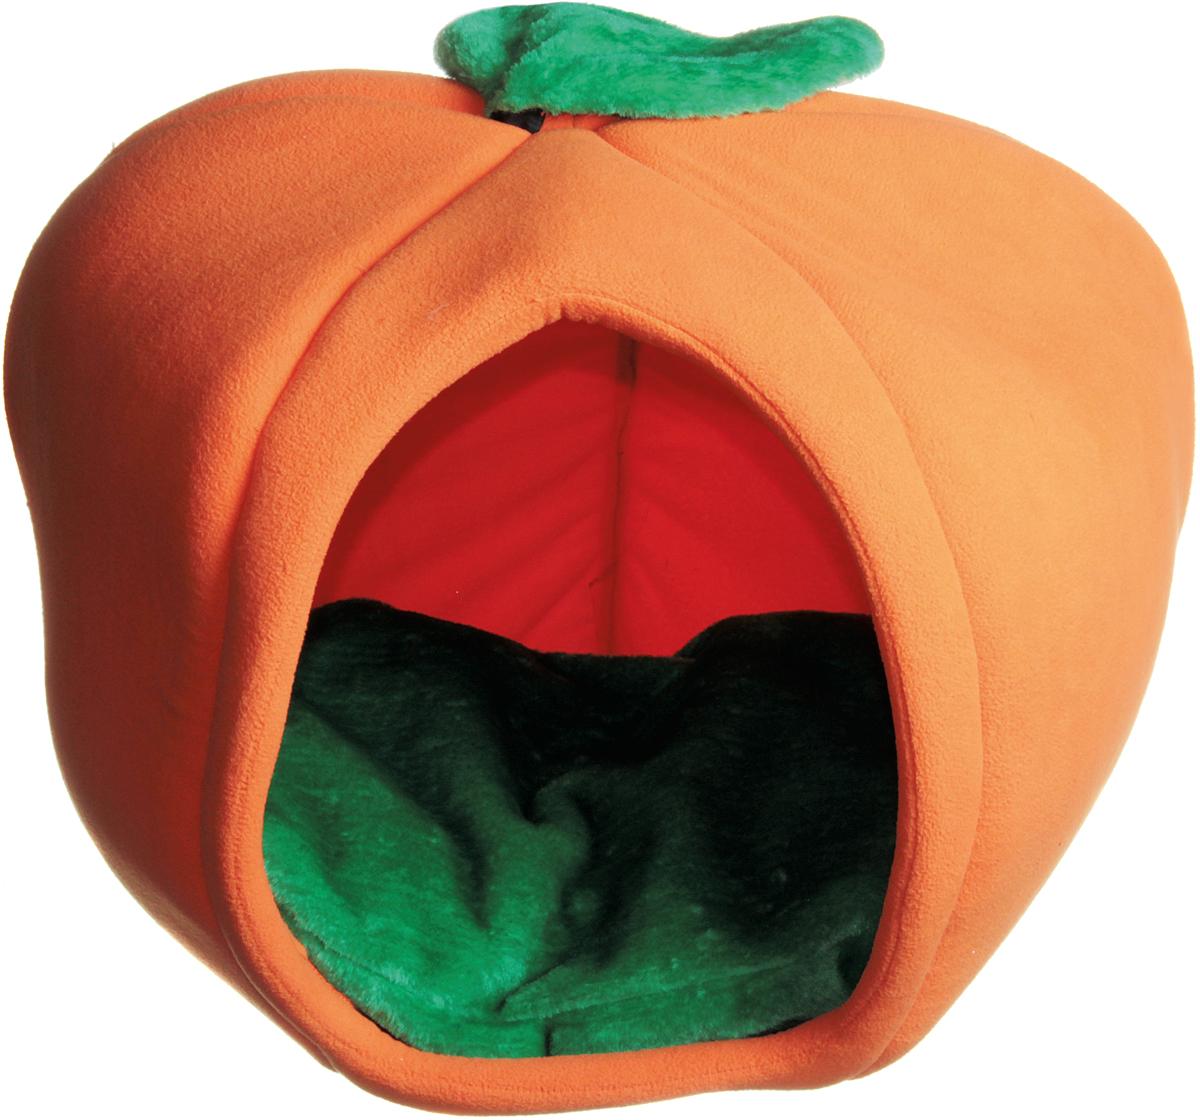 Домик для кошки Зооник Тыква, цвет: оранжевый, зеленый, 50 х 50 х 40 см22120Домик Тыква для кошек и маленьких собак обязательно понравится вашему питомцу. Изготовлен из мягкого флиса. Домик станет любимым местом отдыха вашего любимца и дополнит ваш интерьер необычным дизайном.Ваш любимец сразу же захочет забраться внутрь, там он сможет отдохнуть и спрятаться. Компактные размеры позволят поместить домик, где угодно, а приятная цветовая гамма сделает его оригинальным дополнением к любому интерьеру.